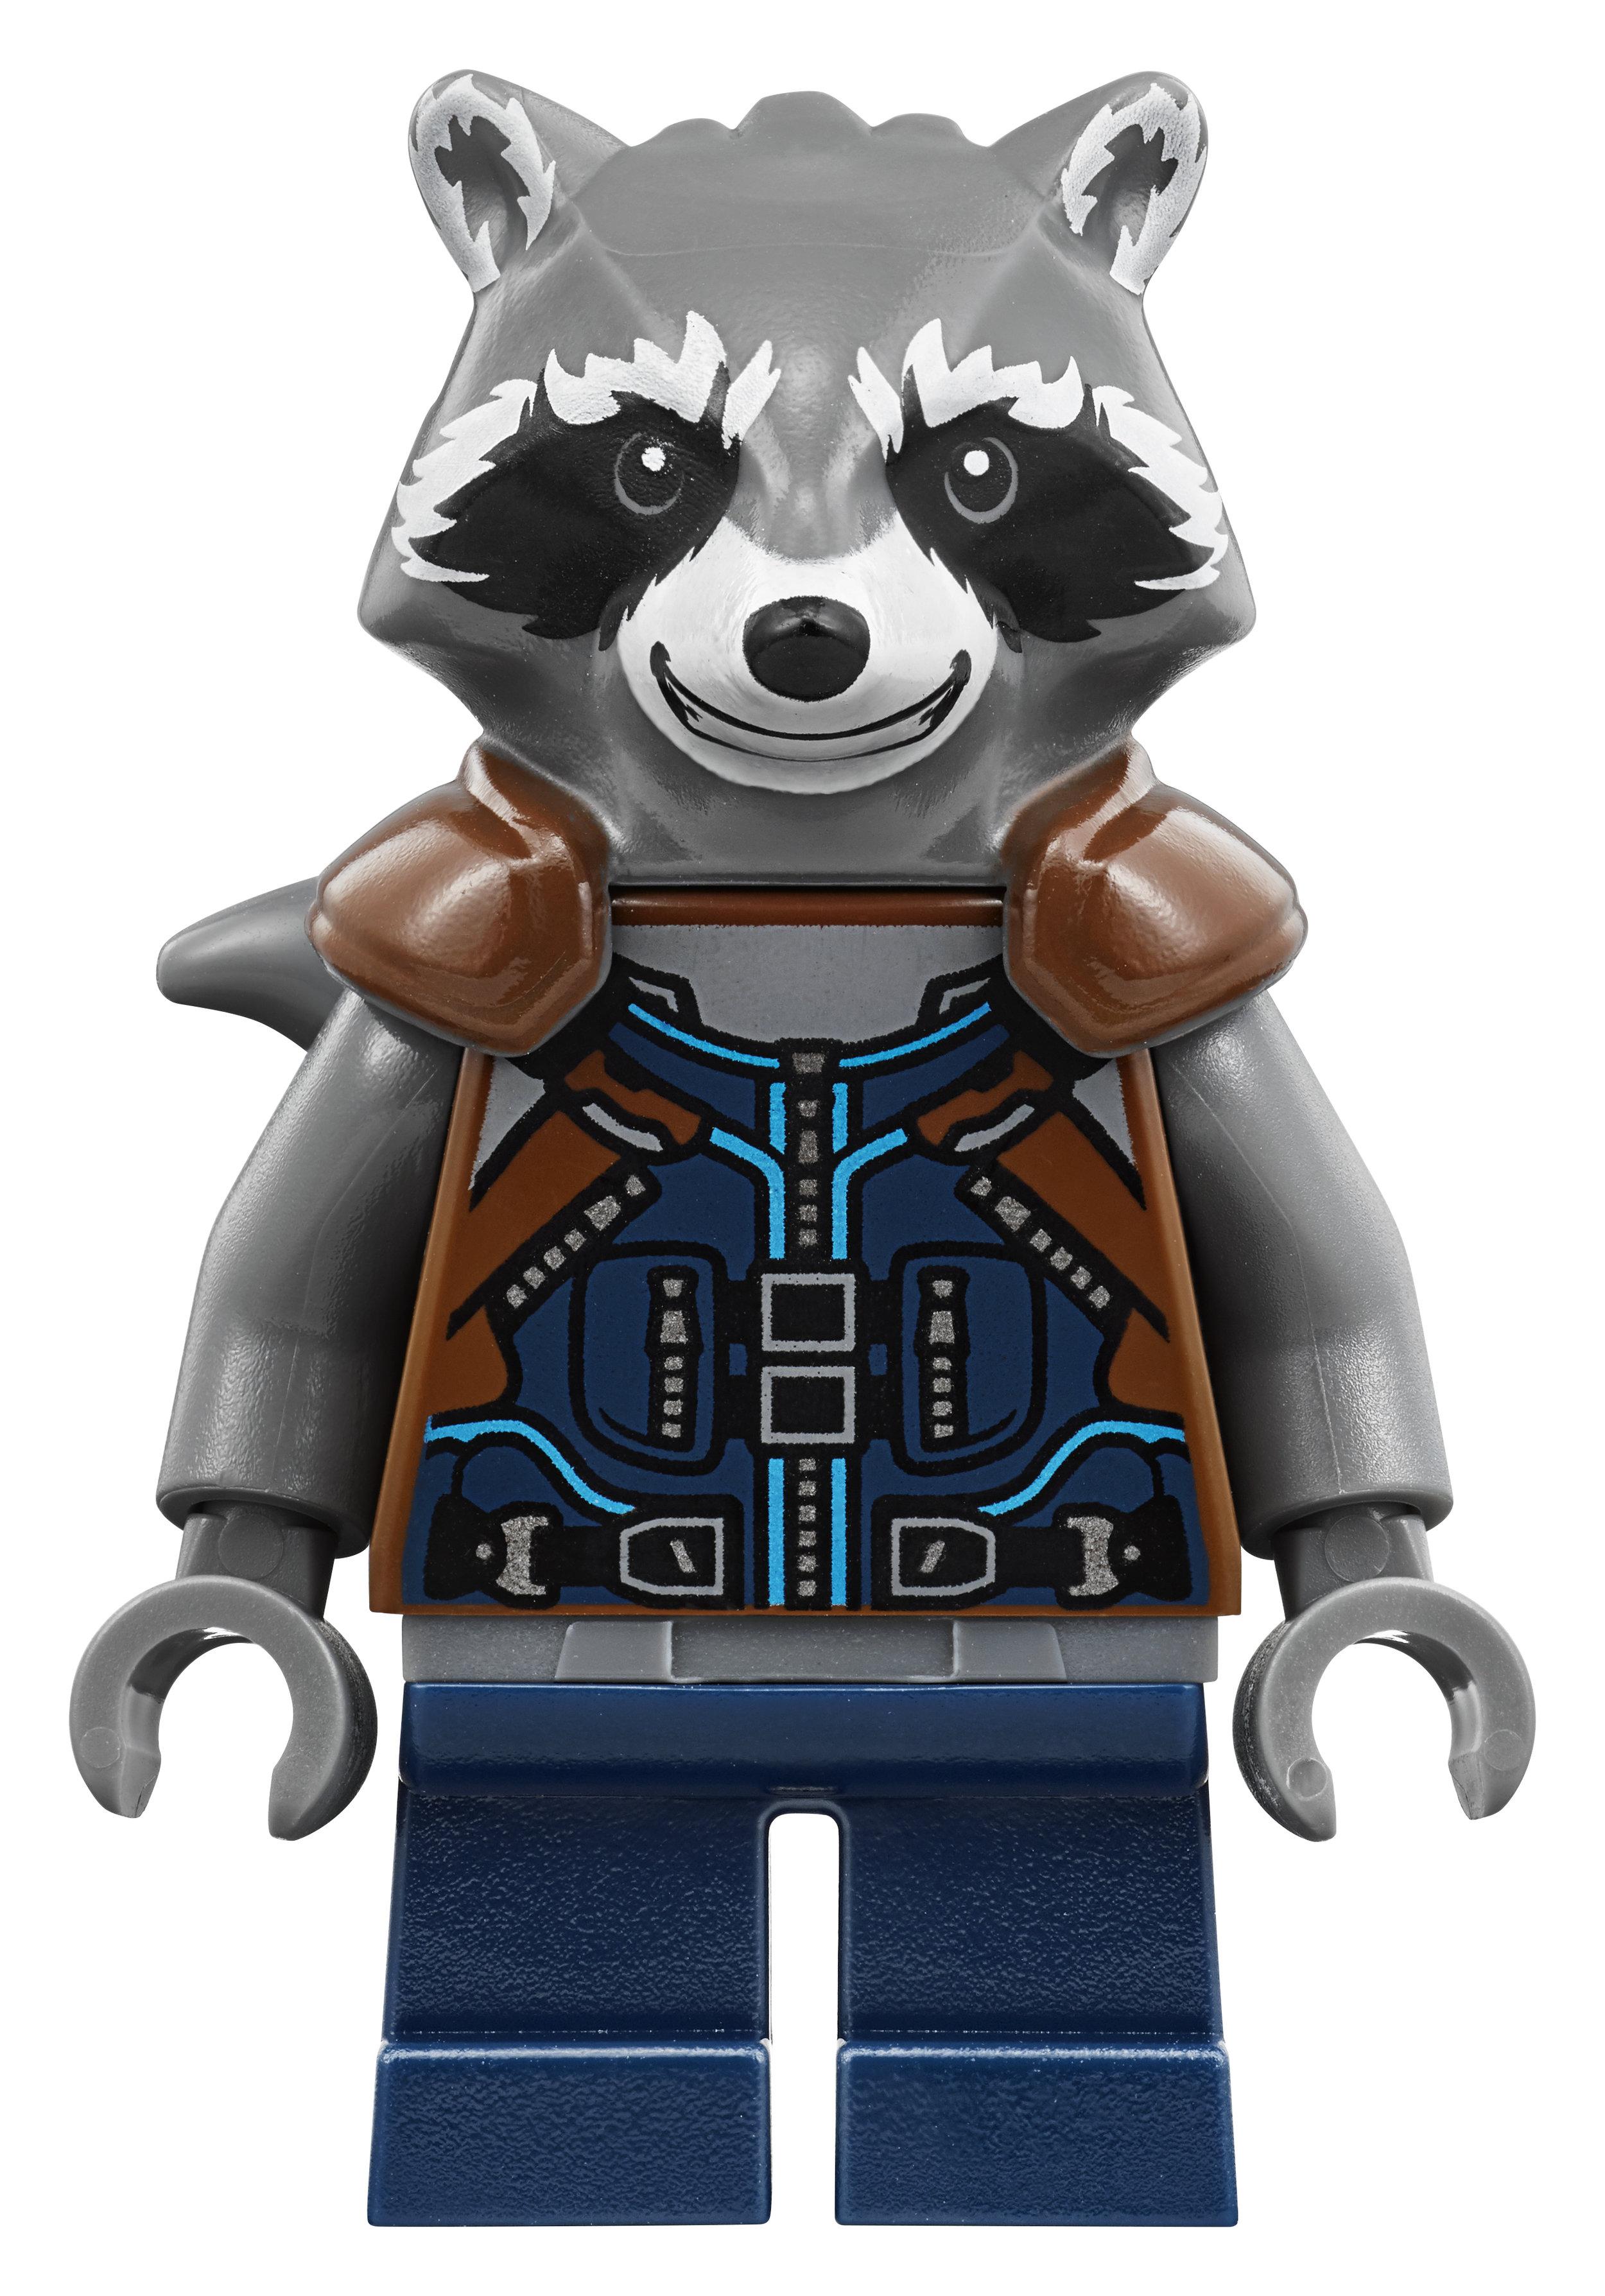 76102_1to1_MF_Rocket_Raccoon.jpg